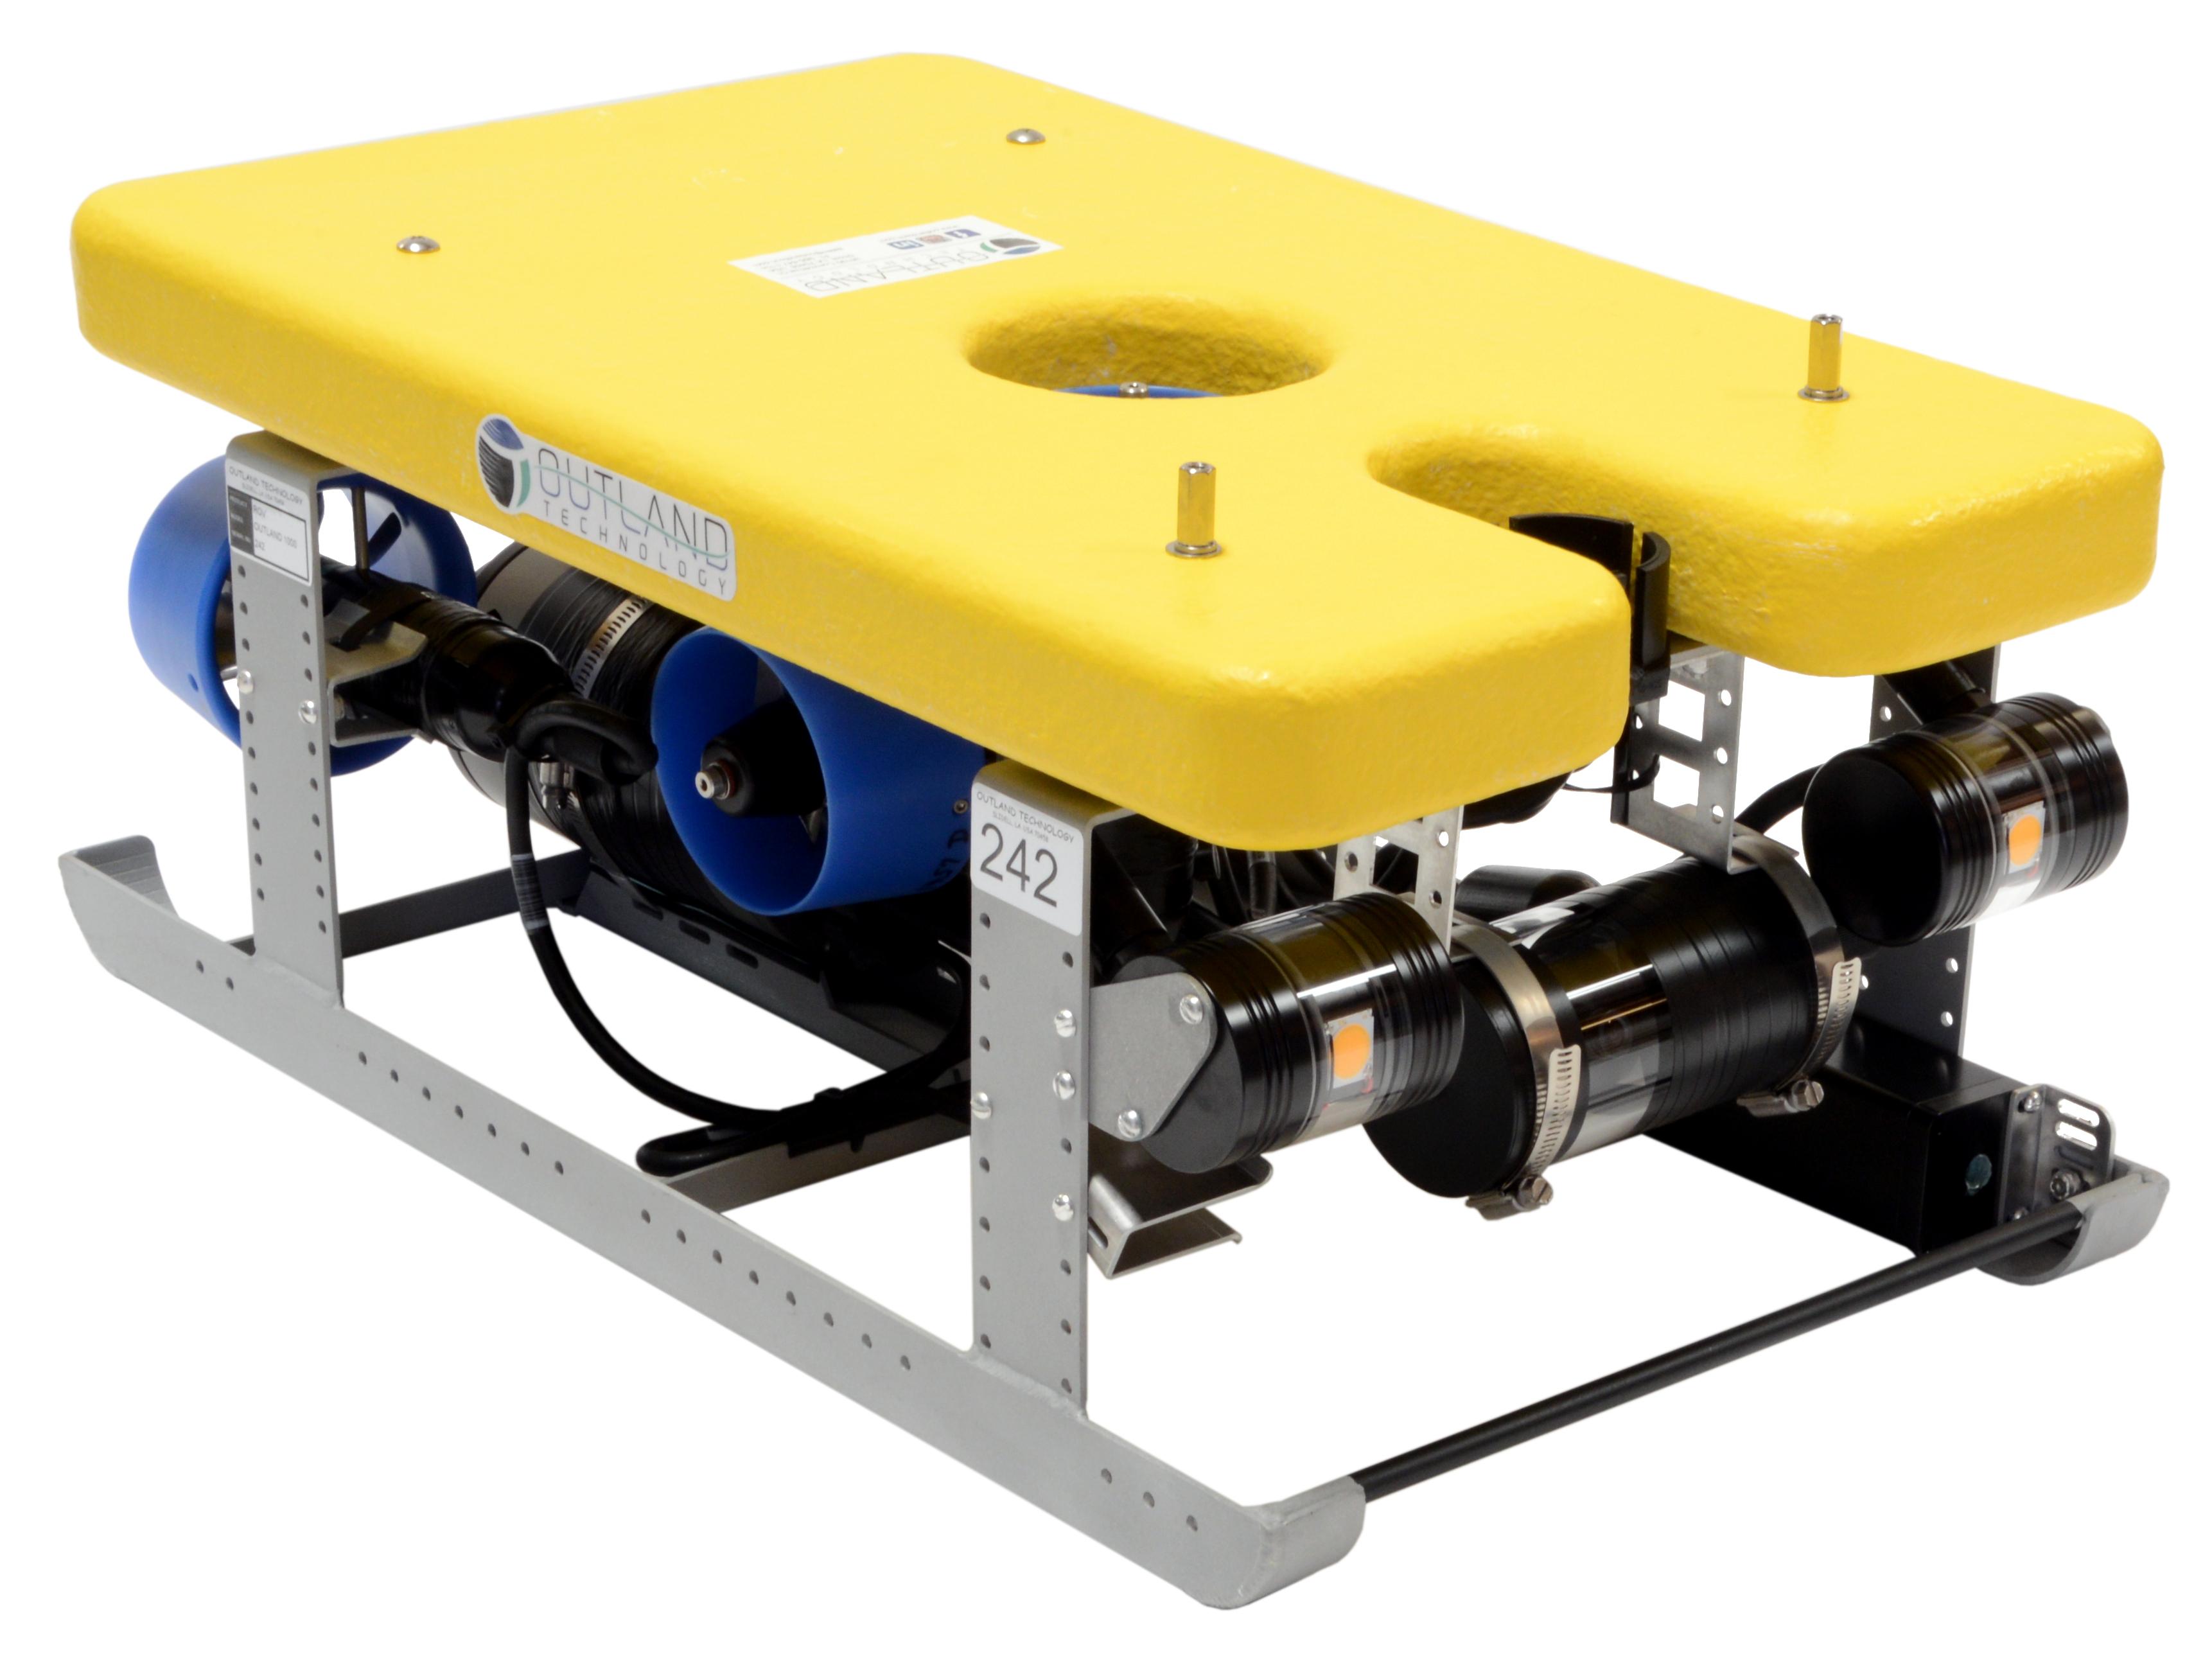 Outland ROV, ROV, Videoray